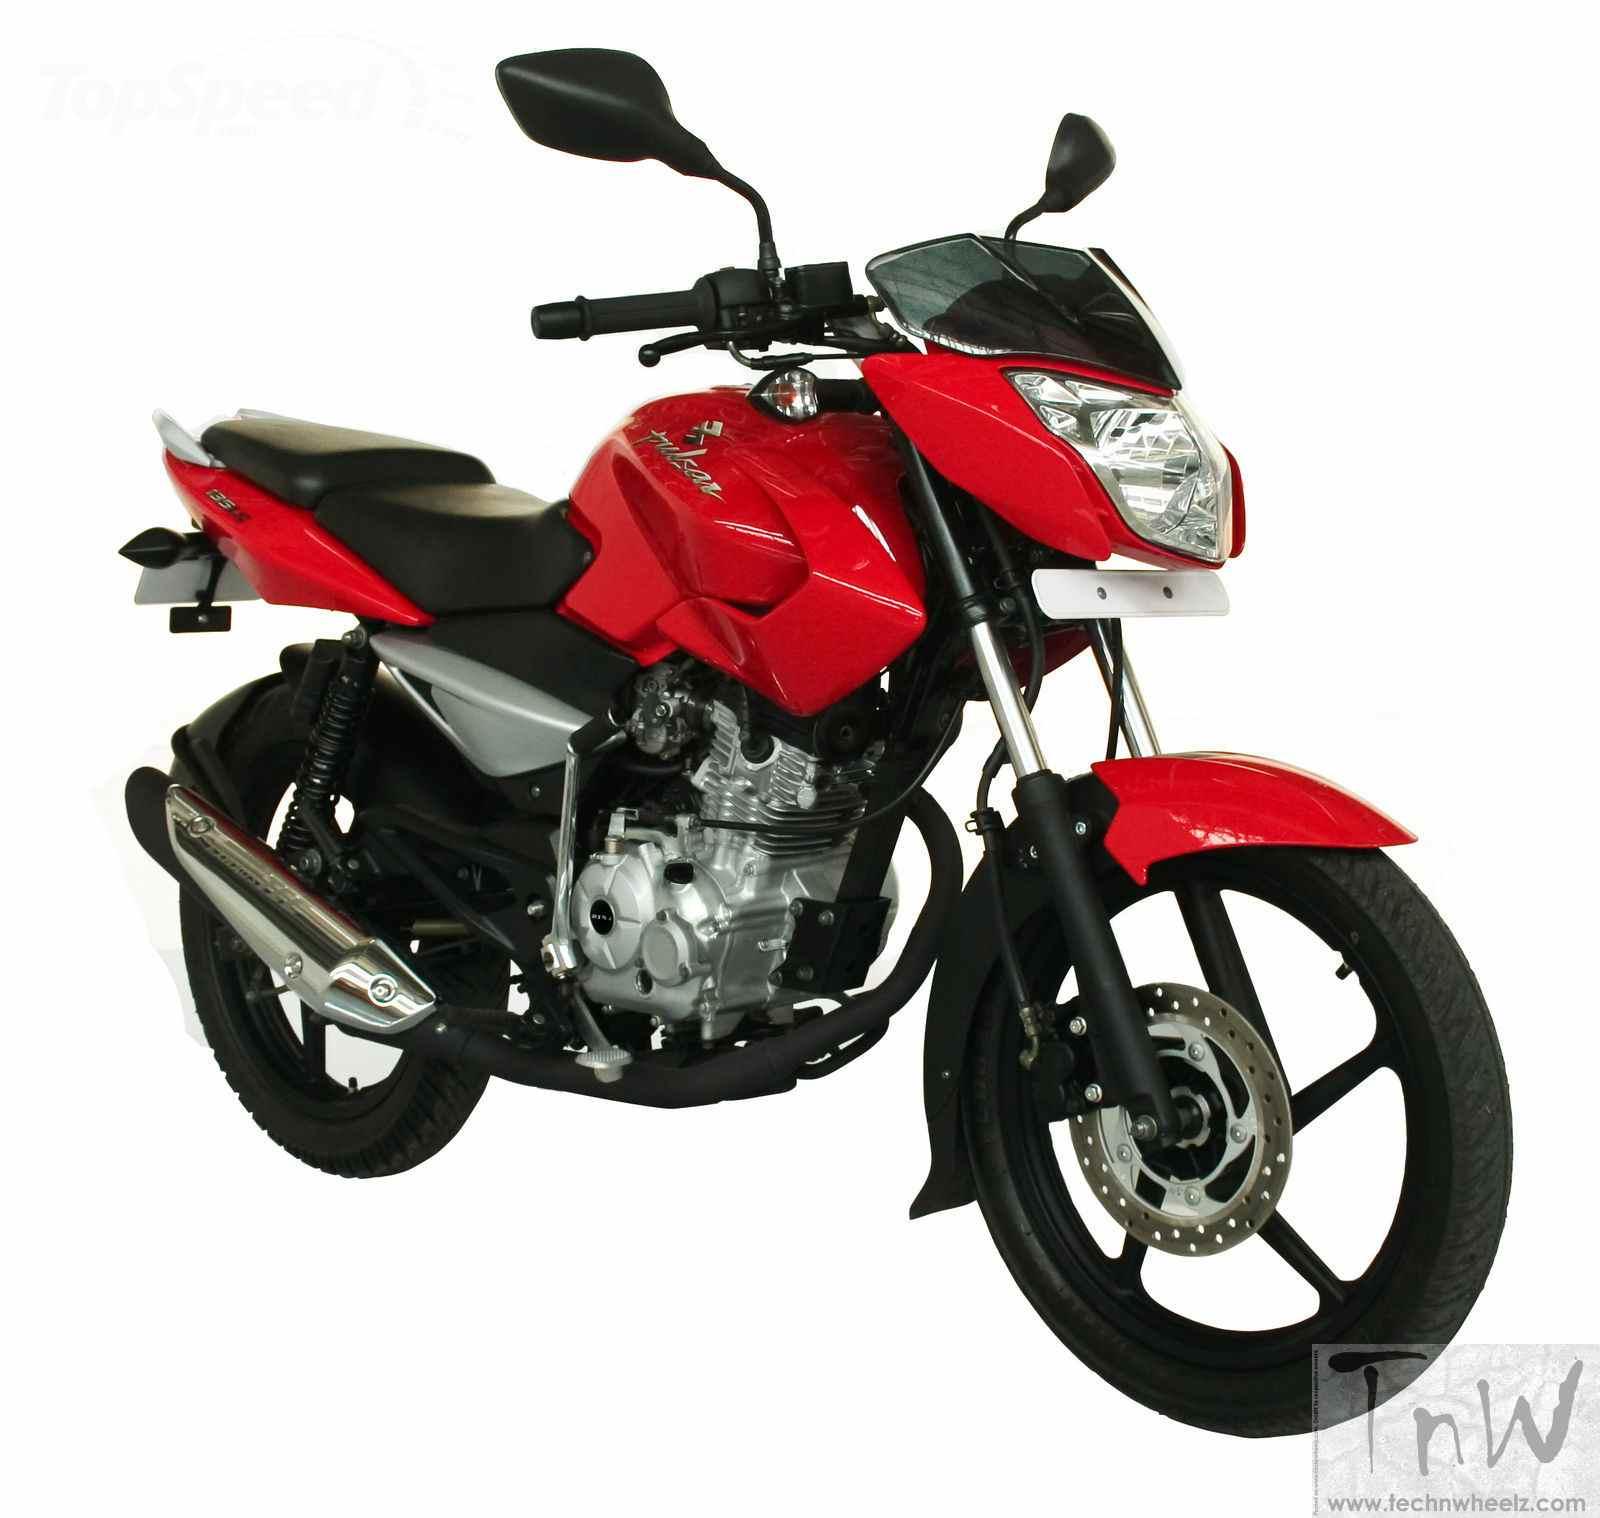 Bajaj pulsar 135 ls clone berang motorcycle brg150 9